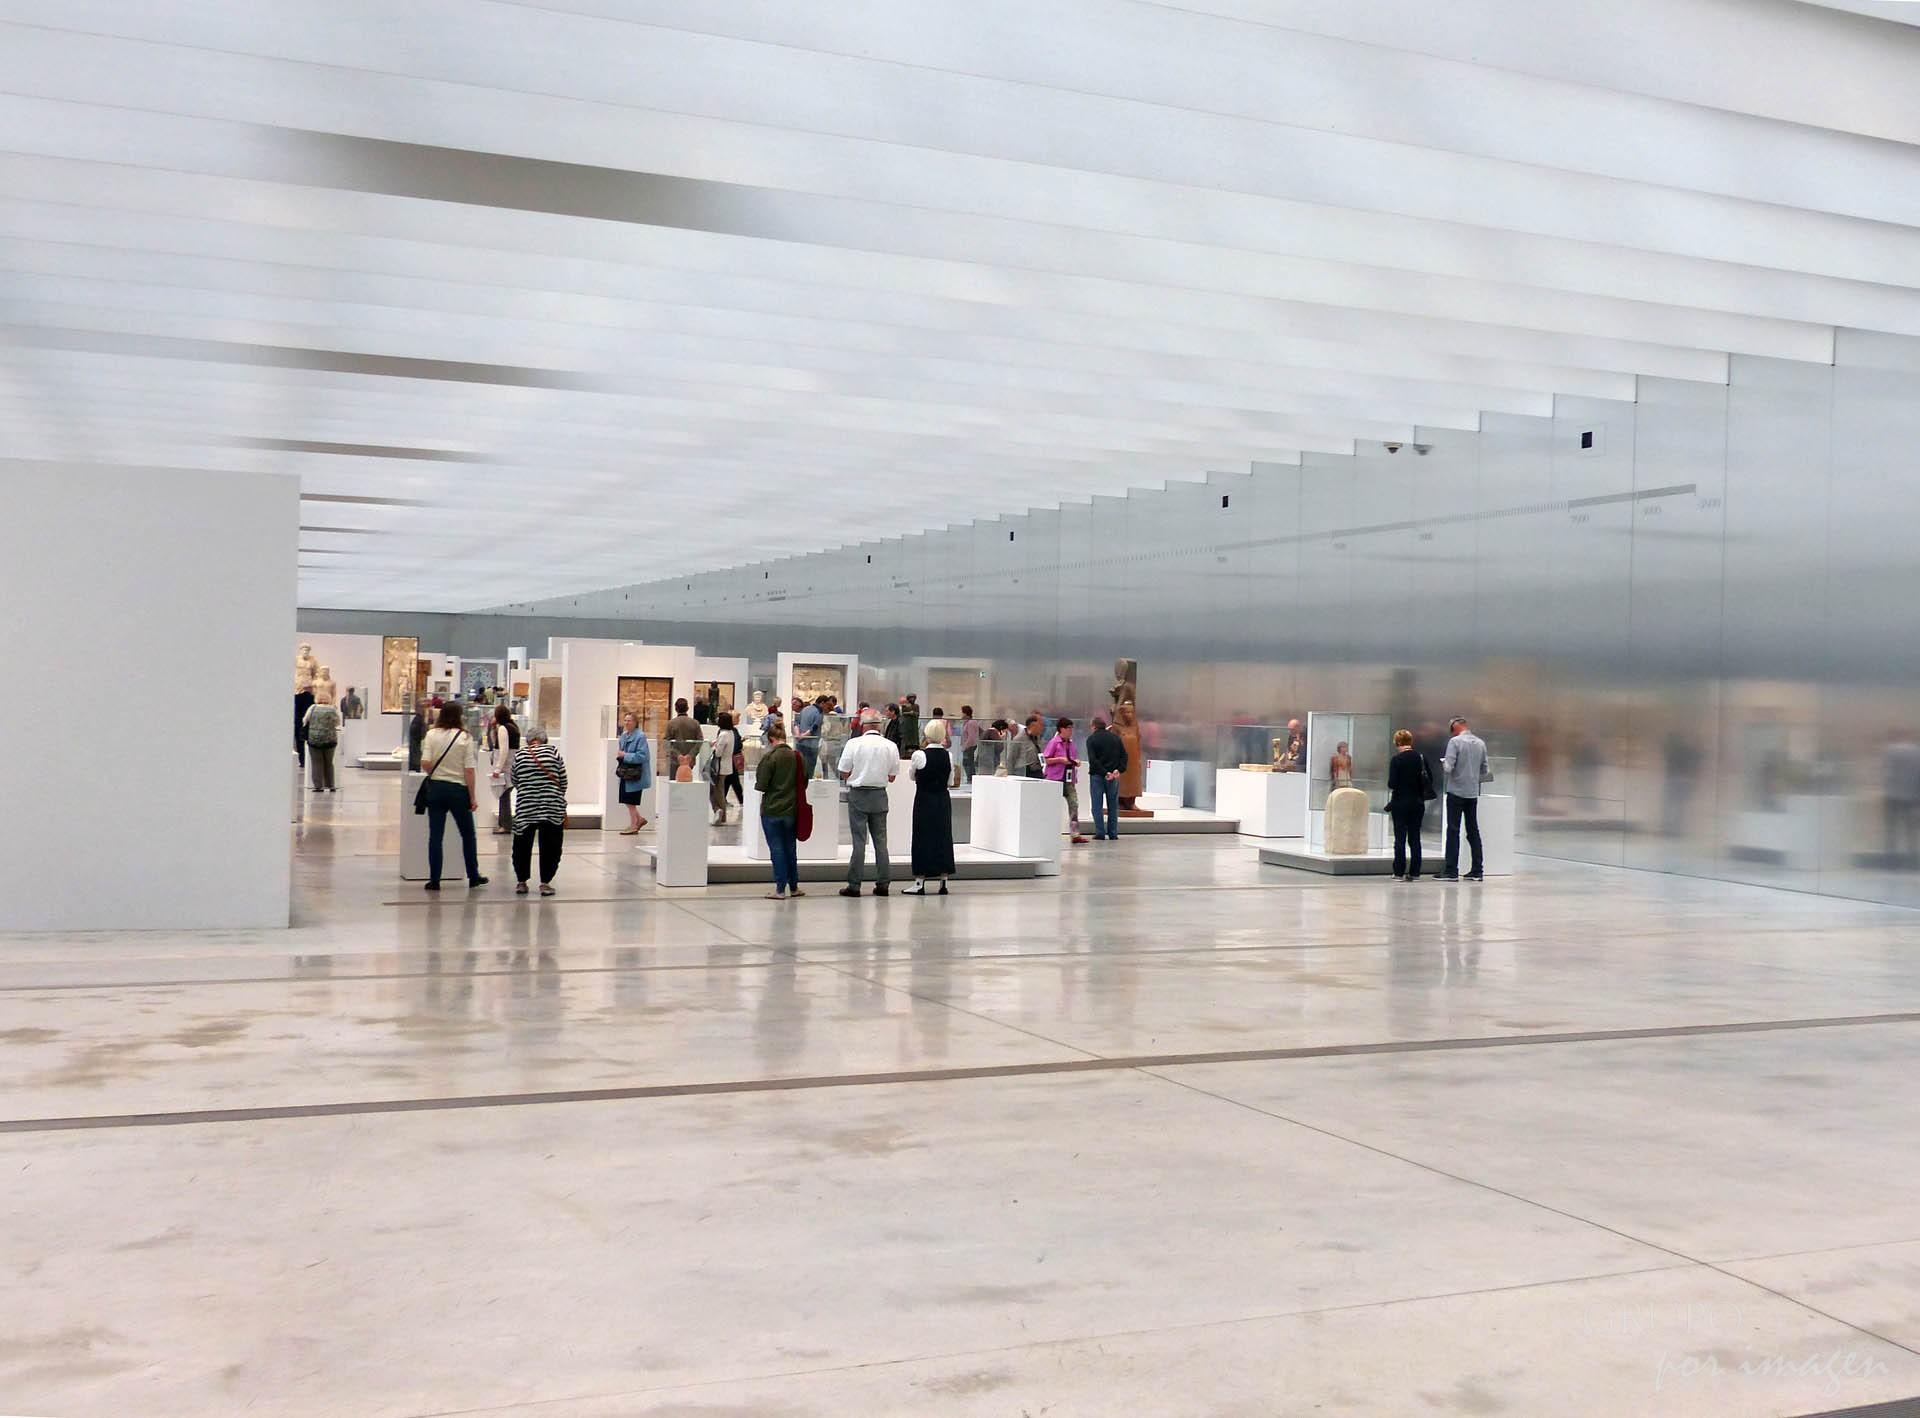 Museo de Louvre de Lens / Luis Cutín